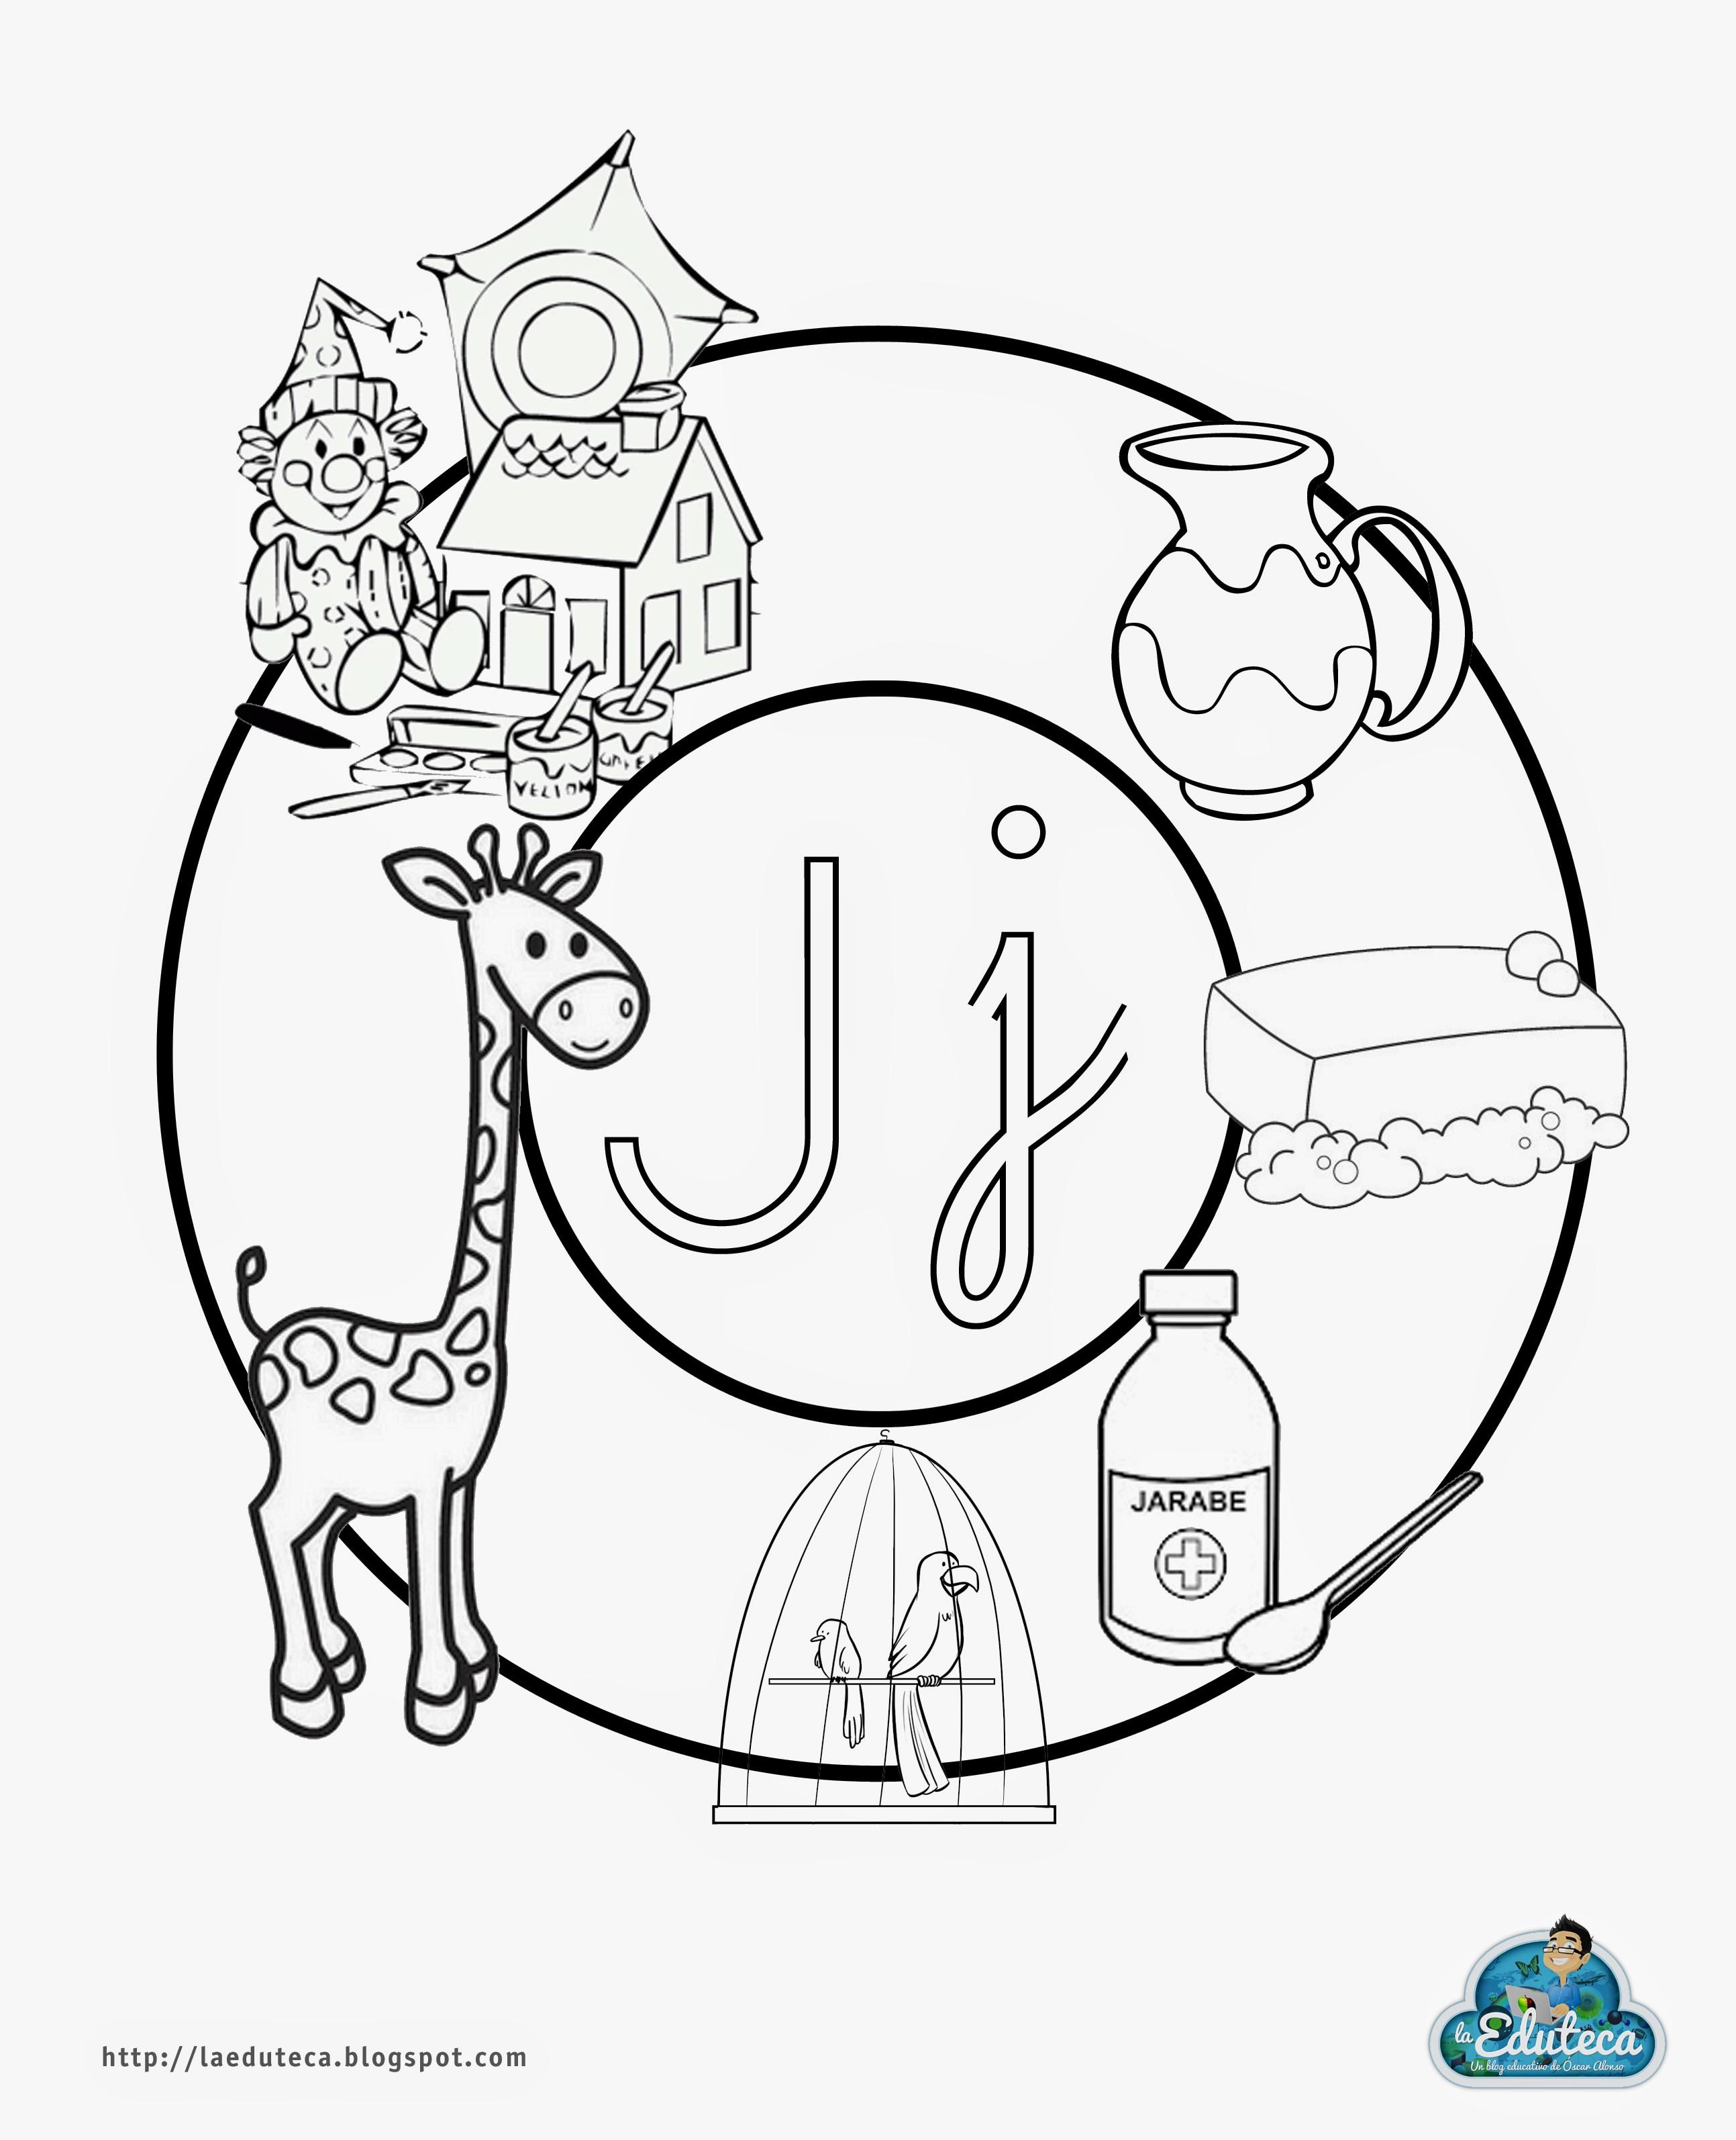 J - Orientación Andújar - Recursos Educativos